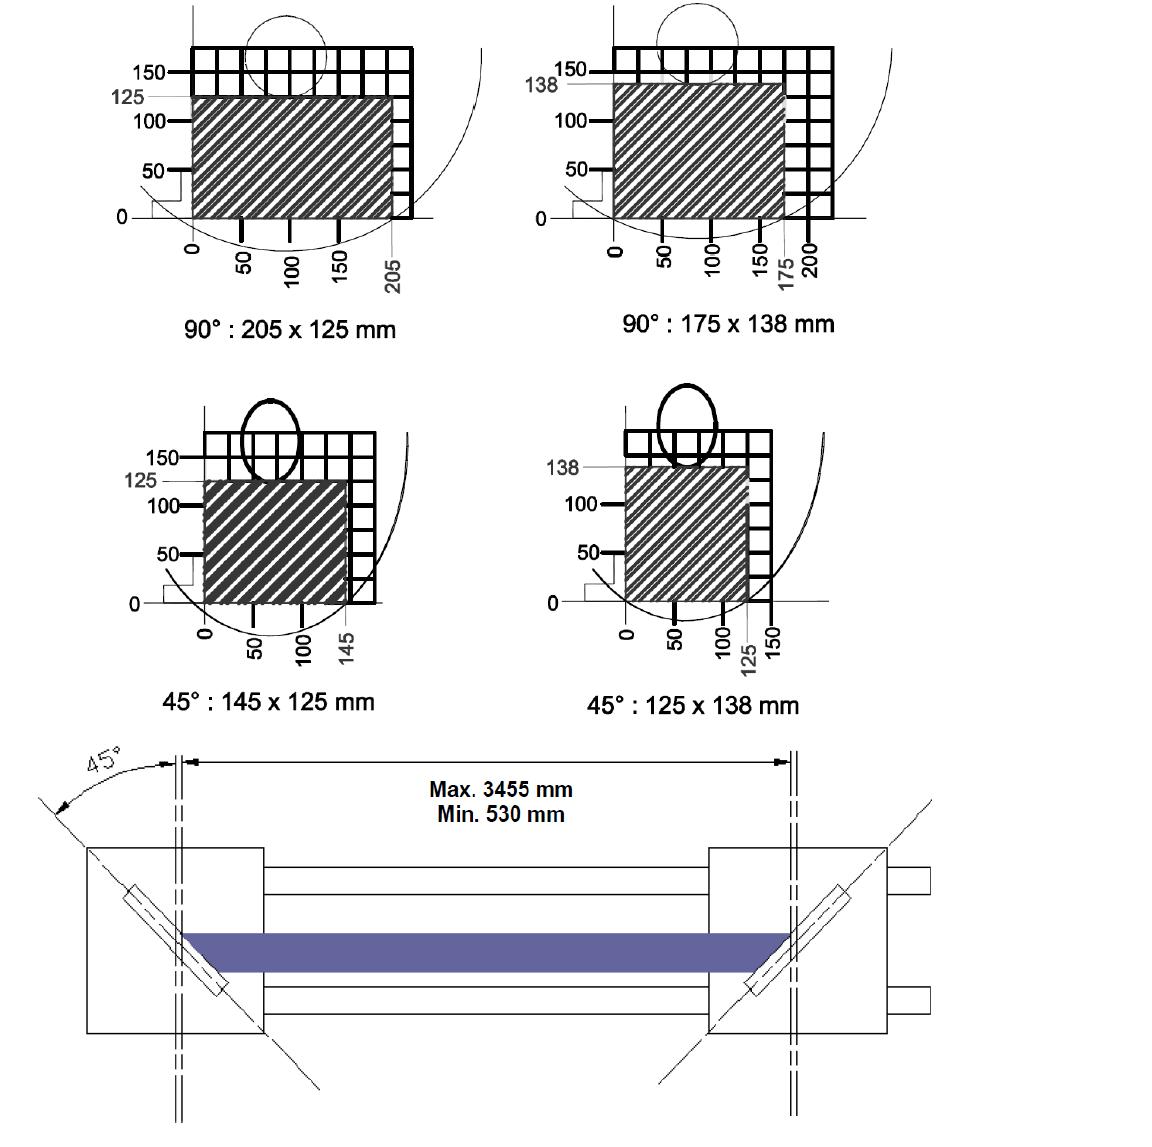 cutting diagram kd402